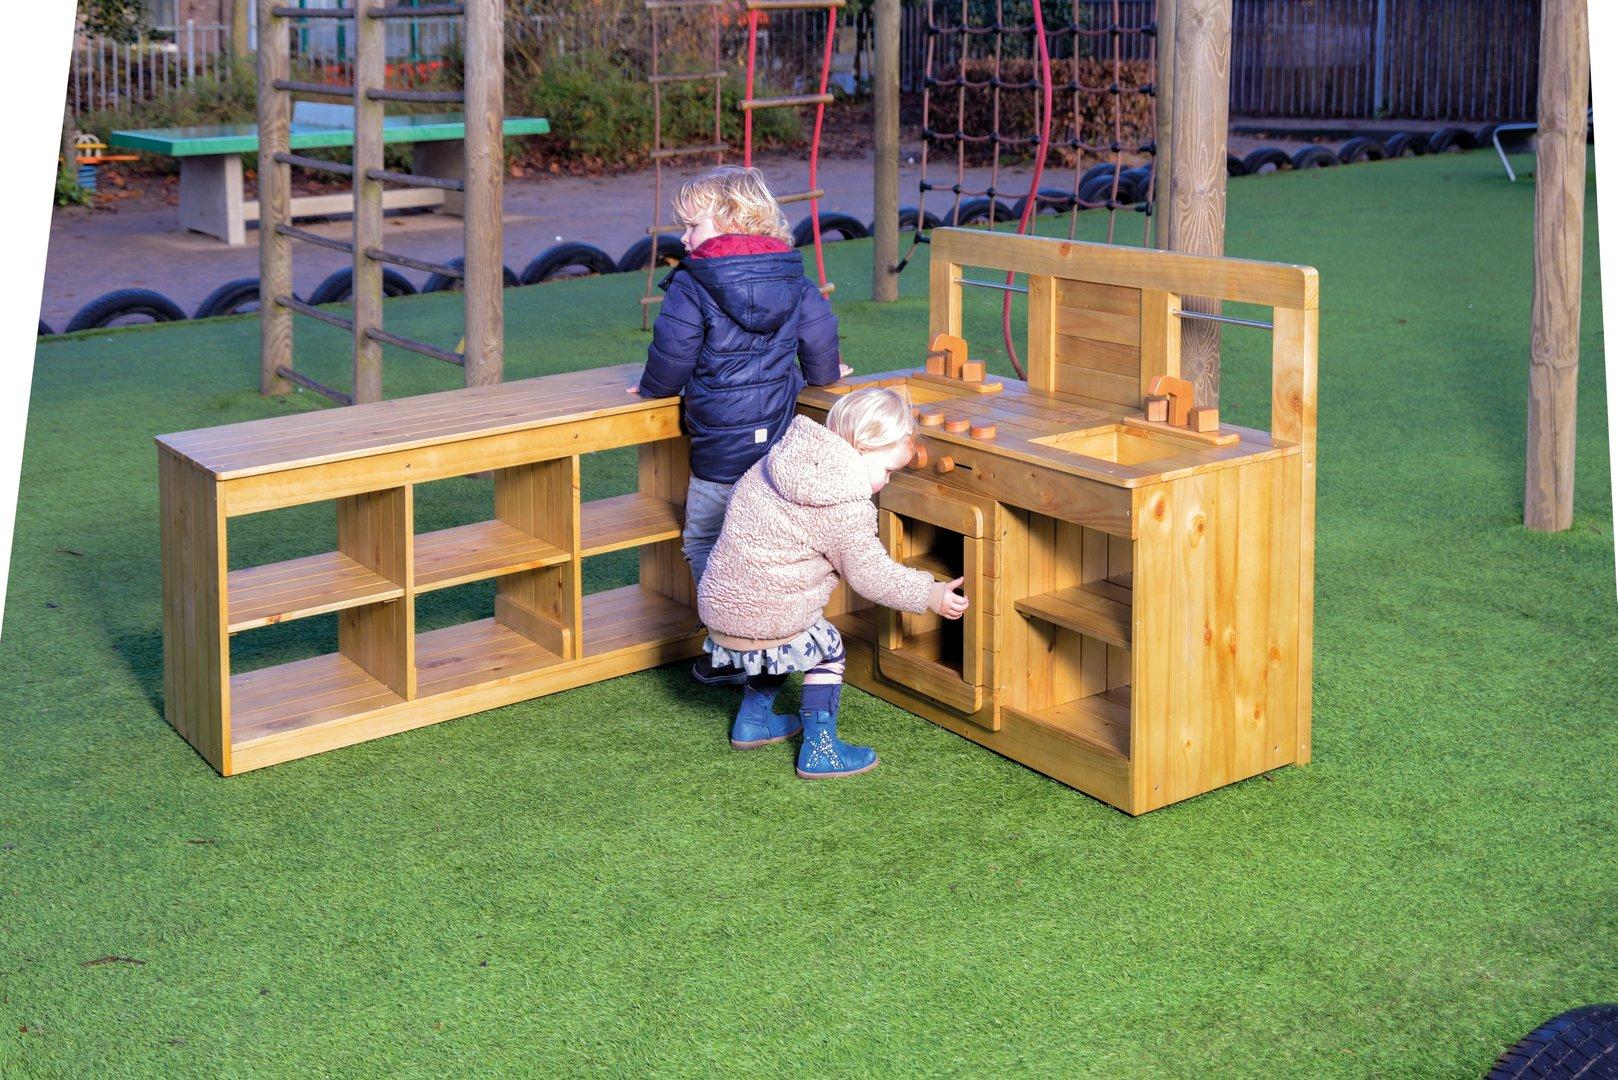 Full Size of Scout Regalia Outdoor Furniture Regalo Play Yard Regal Wall Decor Sdn Bhd Garden Bauen Cinema Henley Teak Kindergartenherrmann Tisch Kombination Schulte Regale Wohnzimmer Outdoor Regal